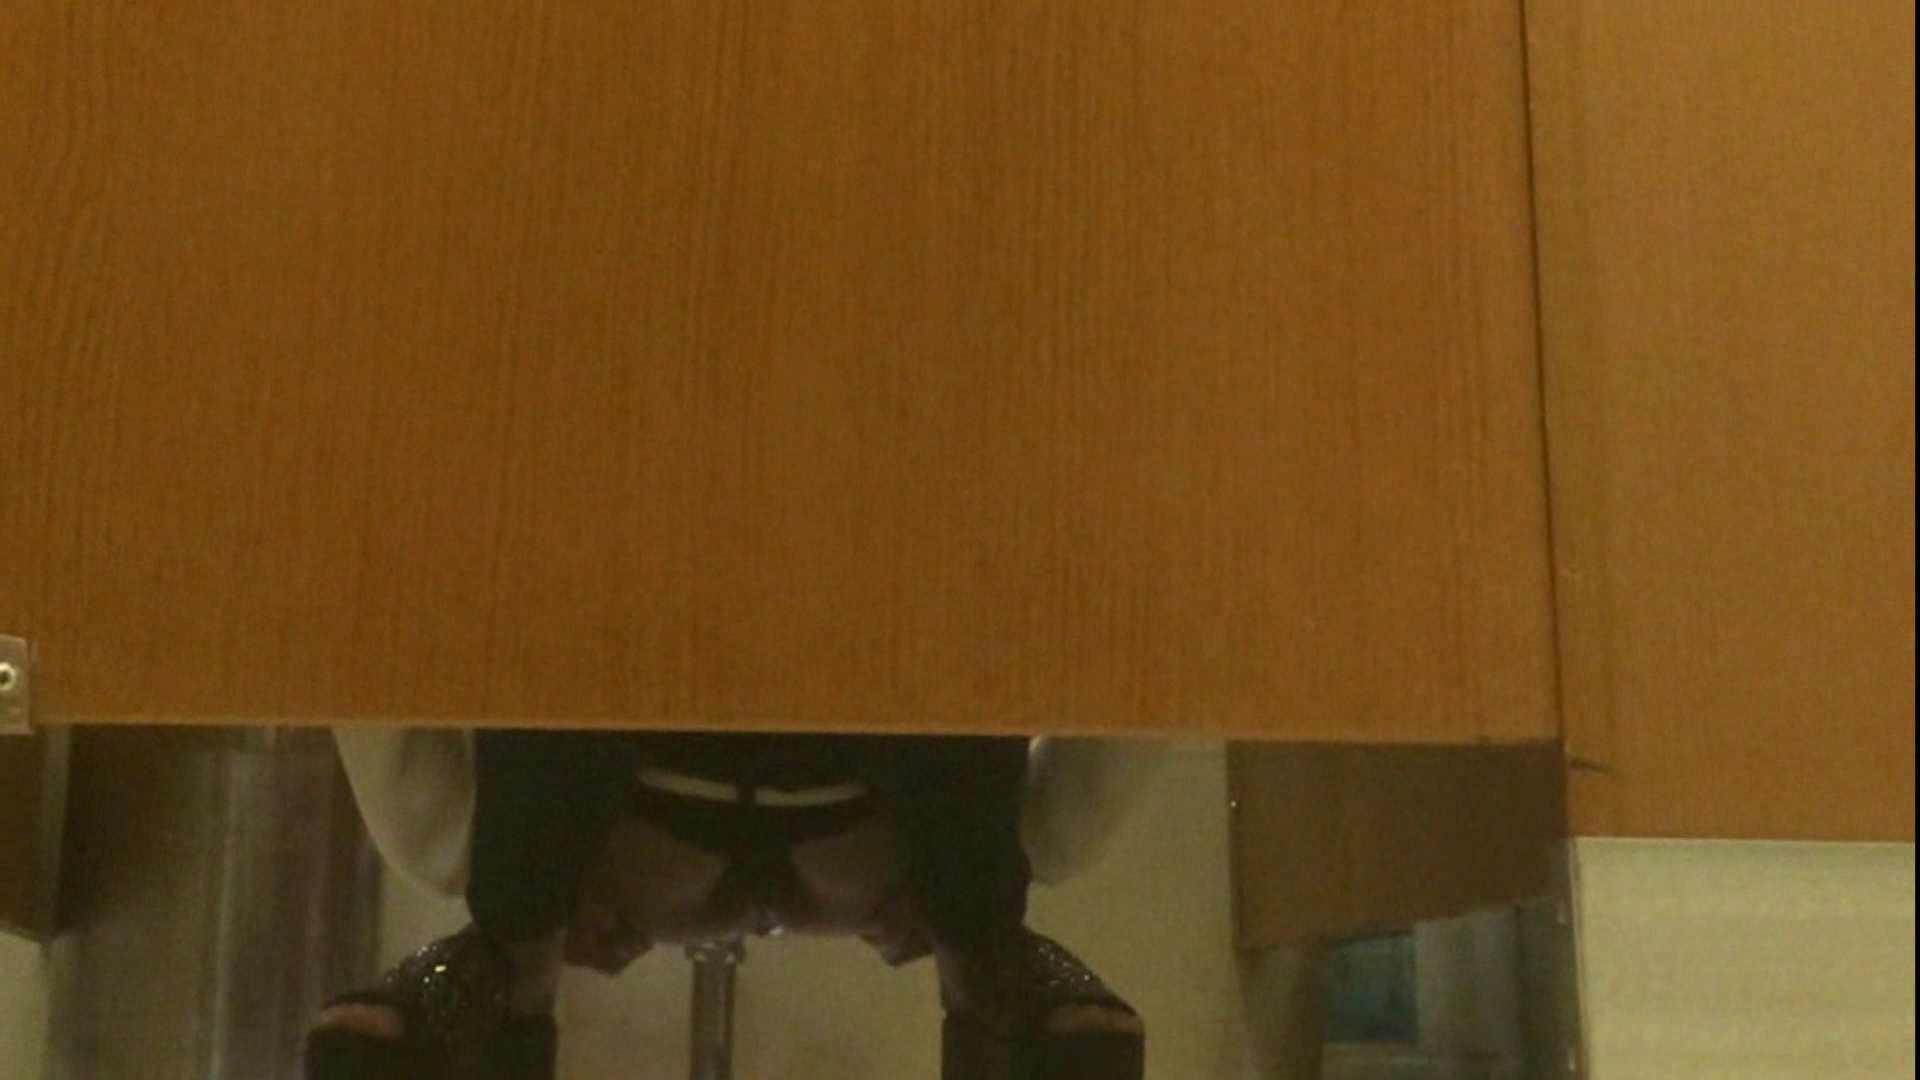 隣国化粧室下から御免!! No.14 洗面所  62pic 5